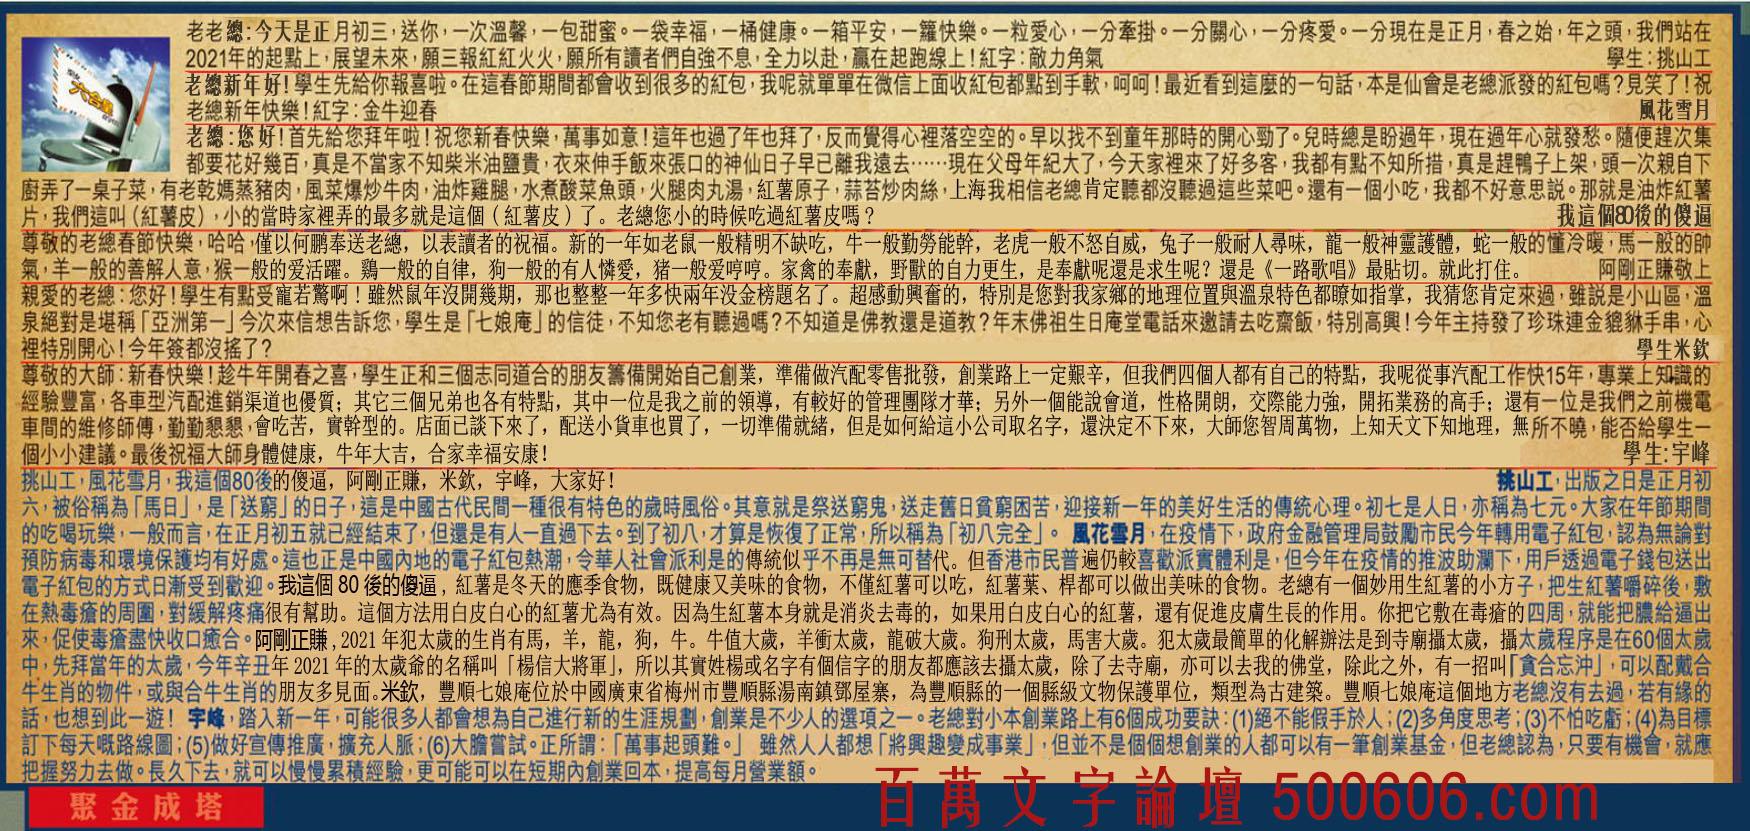 015期:彩民推荐六合皇信箱(�t字:聚金成塔)_015期开奖结果:44-04-13-25-05-14-T16狗/绿/土